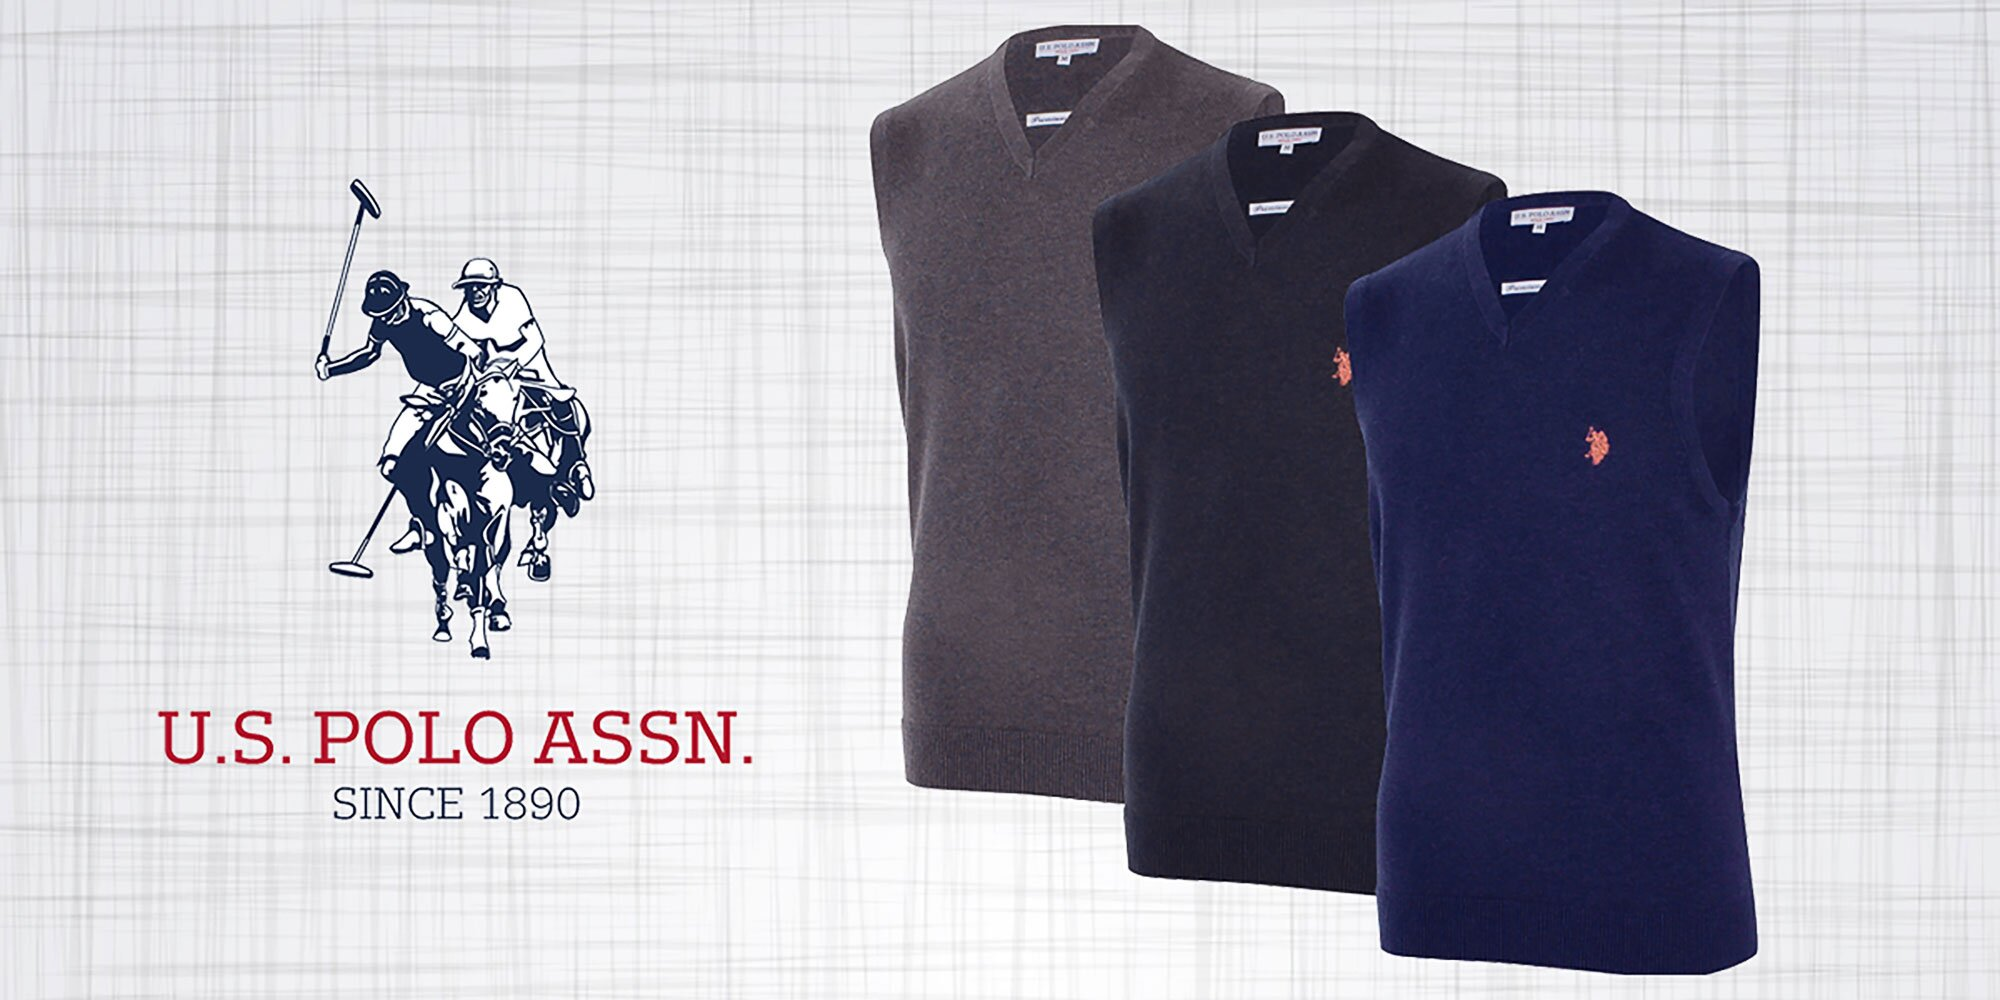 644f2f6ad6d7 Pánske svetre bez rukávov od značky U.S. Polo Assn